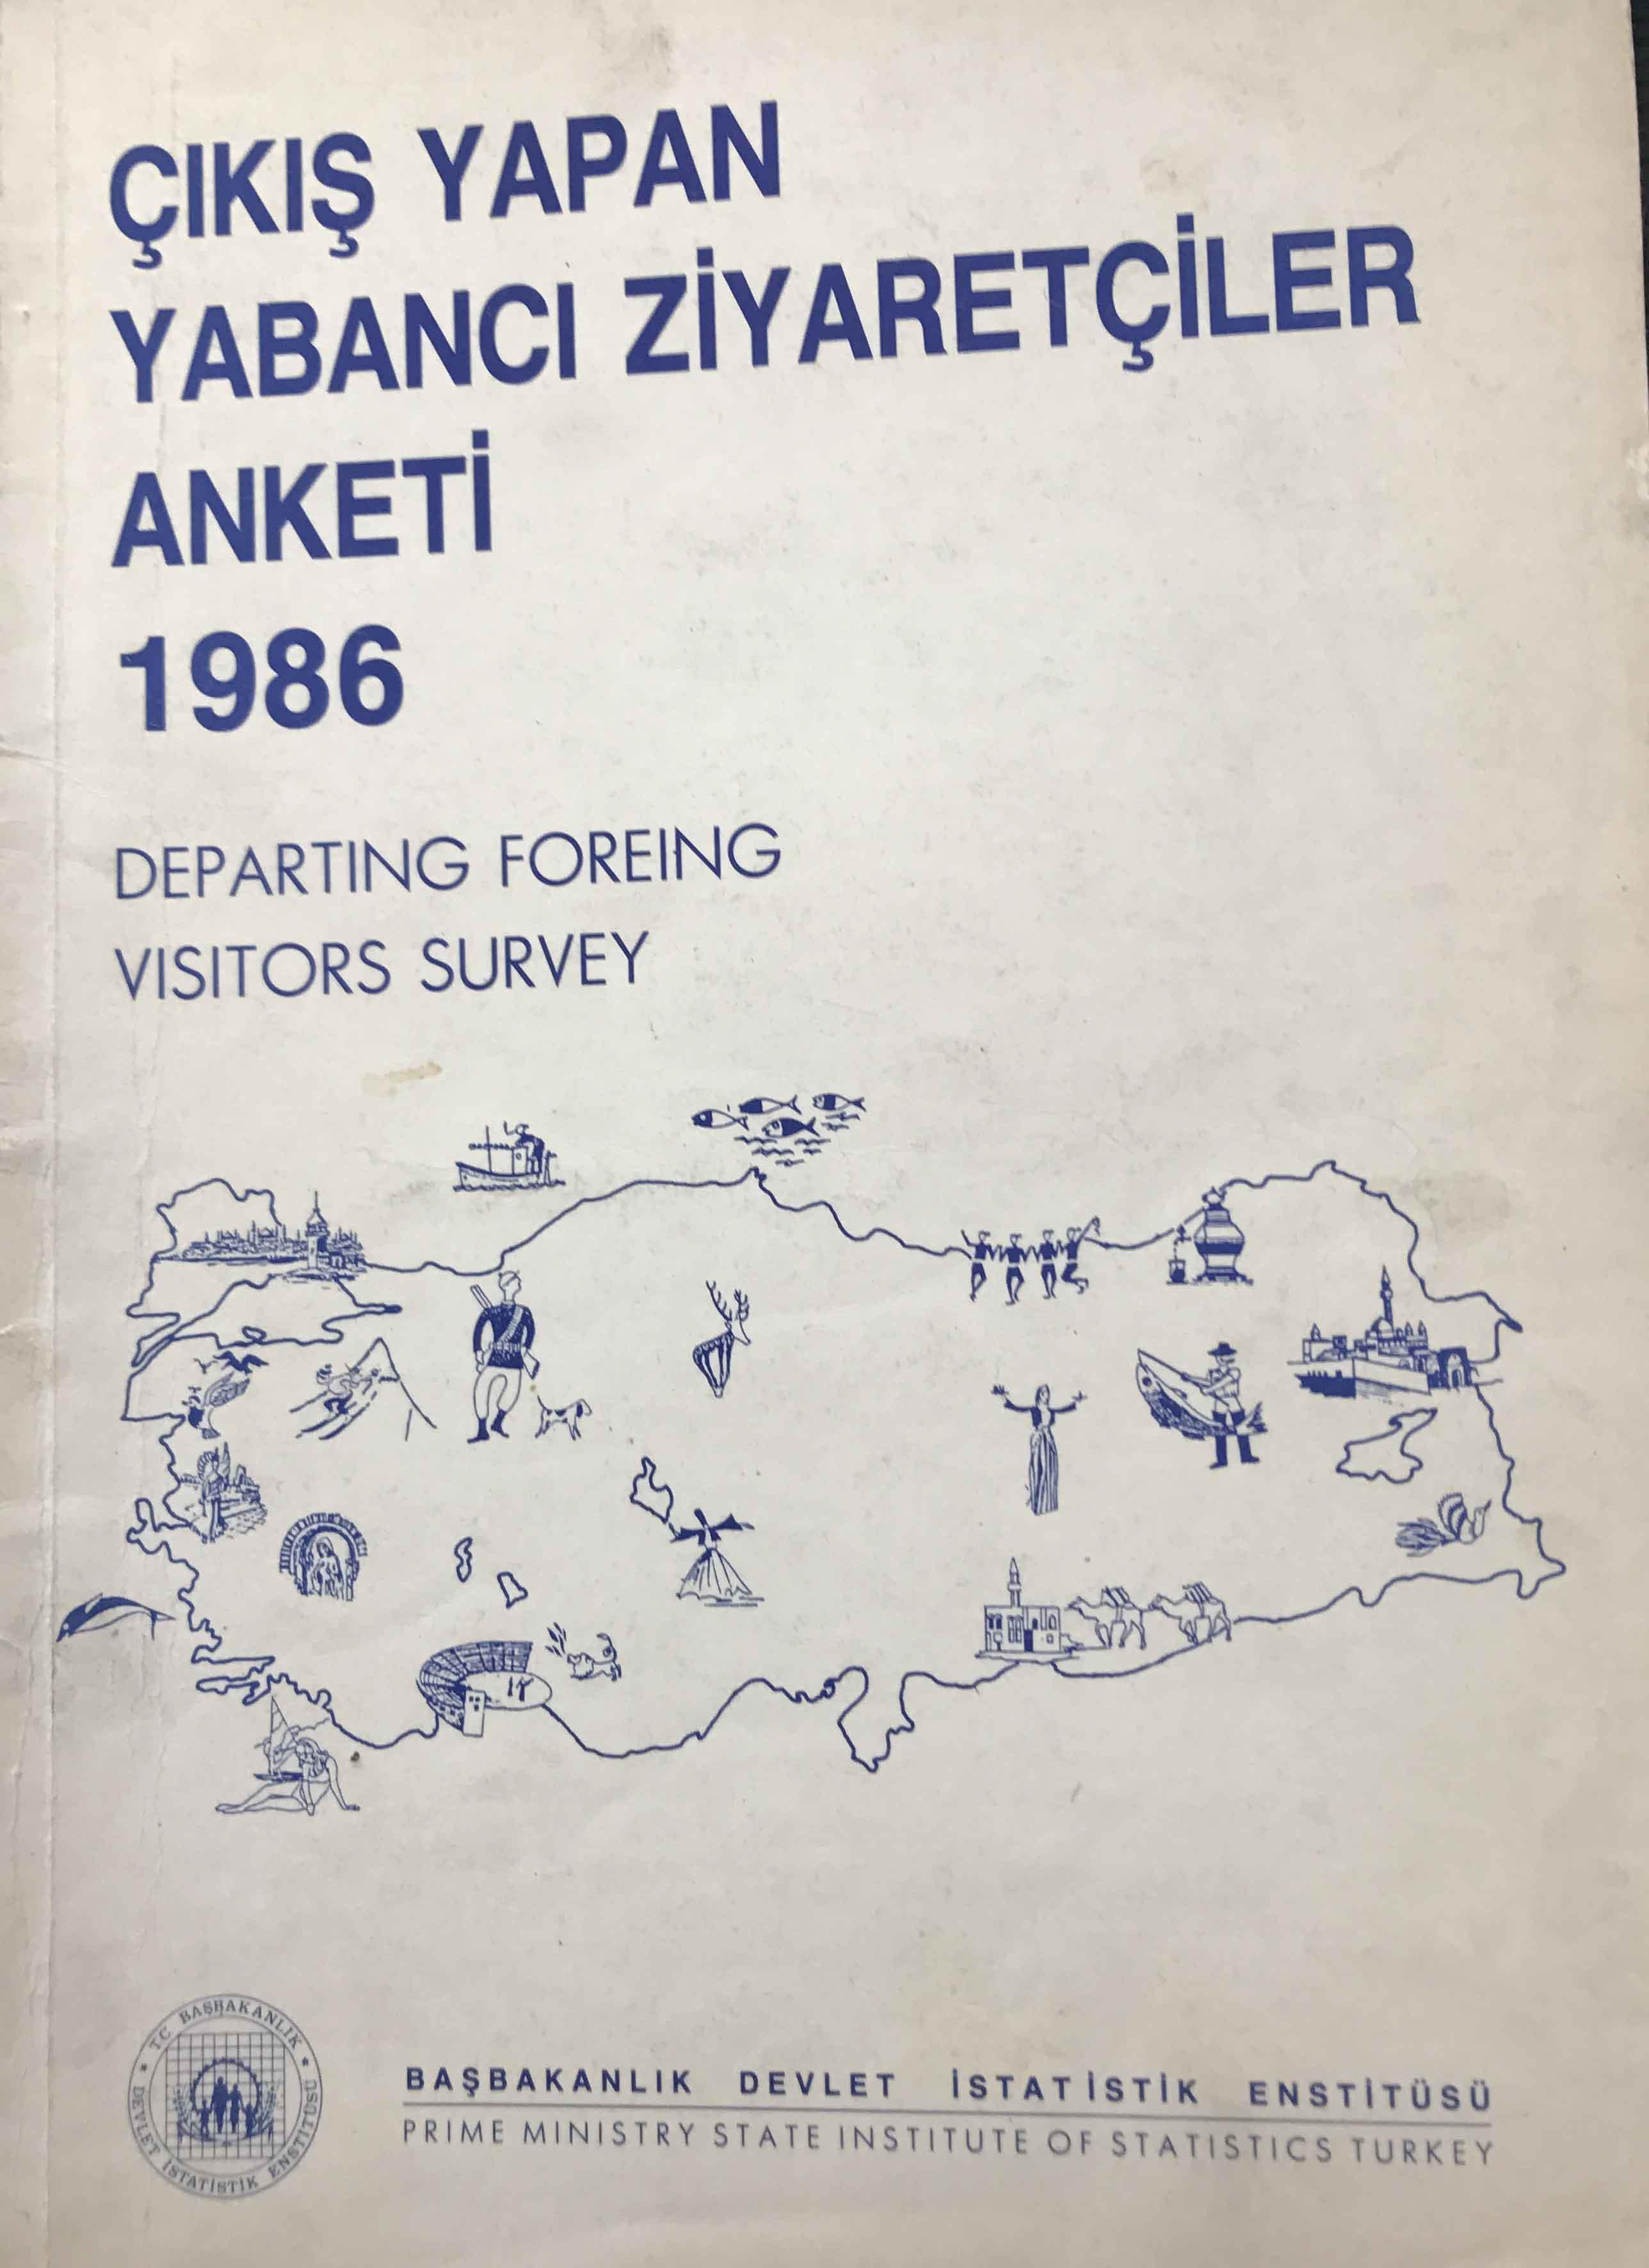 Çıkış Yapan Yabancı Ziyaretçiler Anketi 1986 Kitap Kapağı